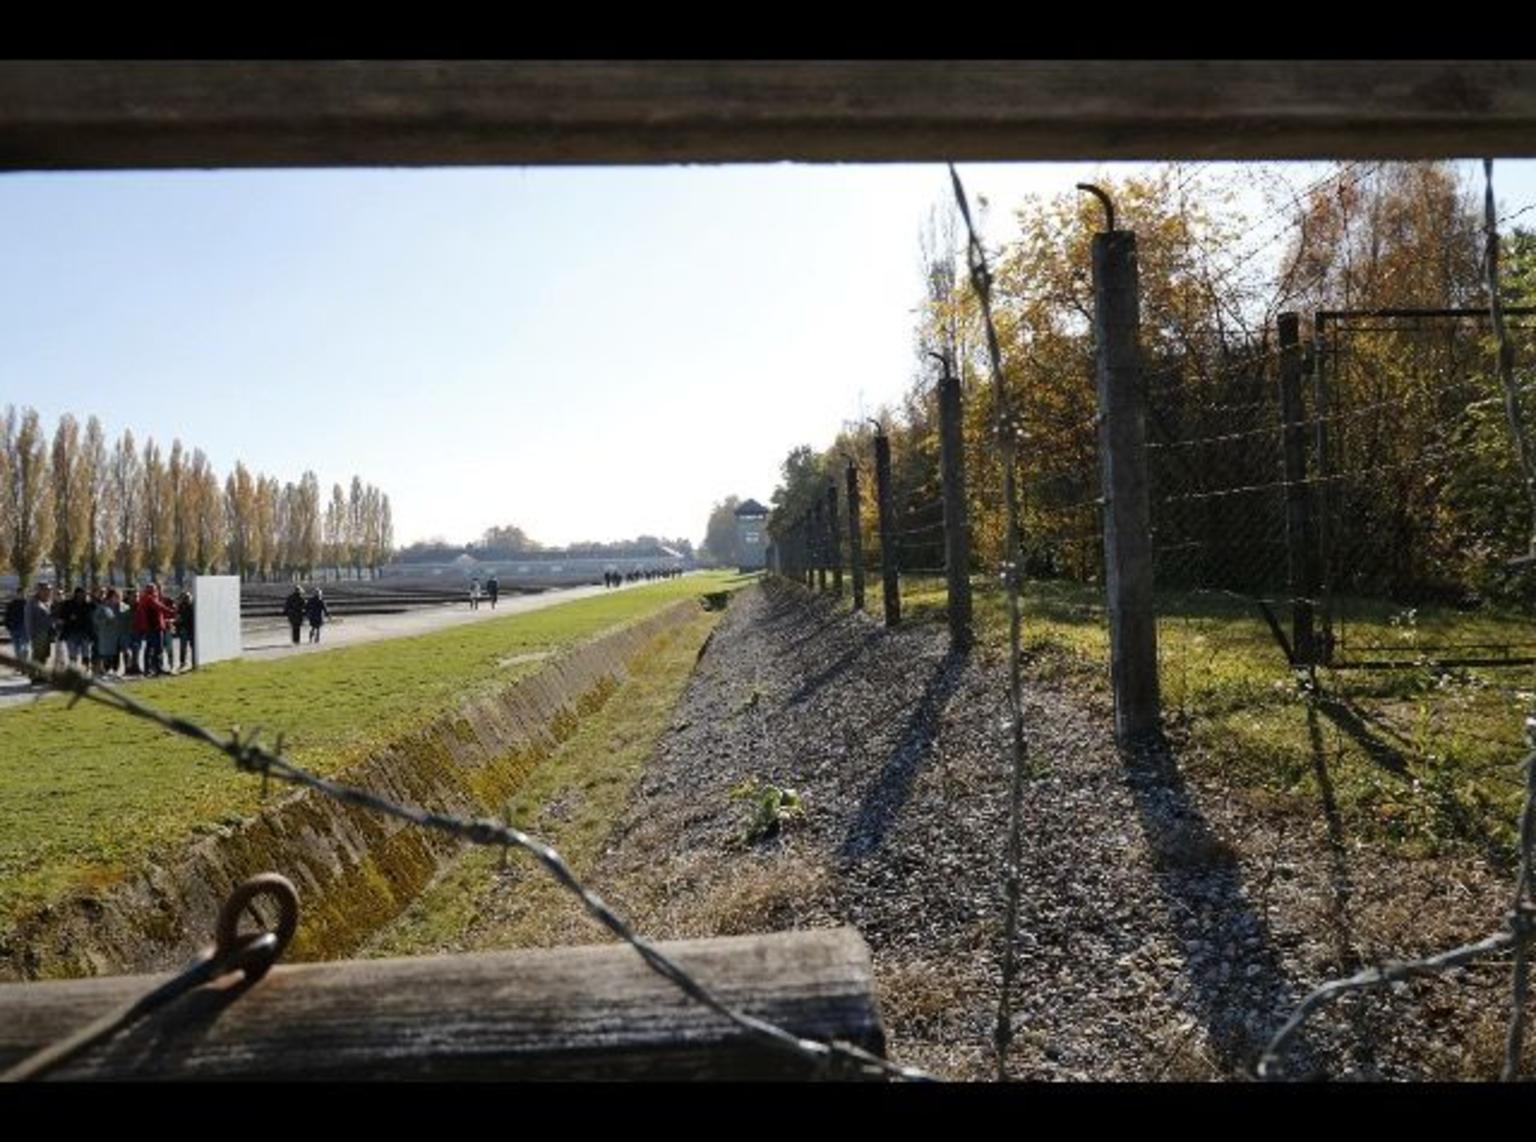 MAIS FOTOS, Excursão a pé de meio dia ao Memorial do Campo de Concentração de Dachau, com um guia local, saindo de Munique de trem